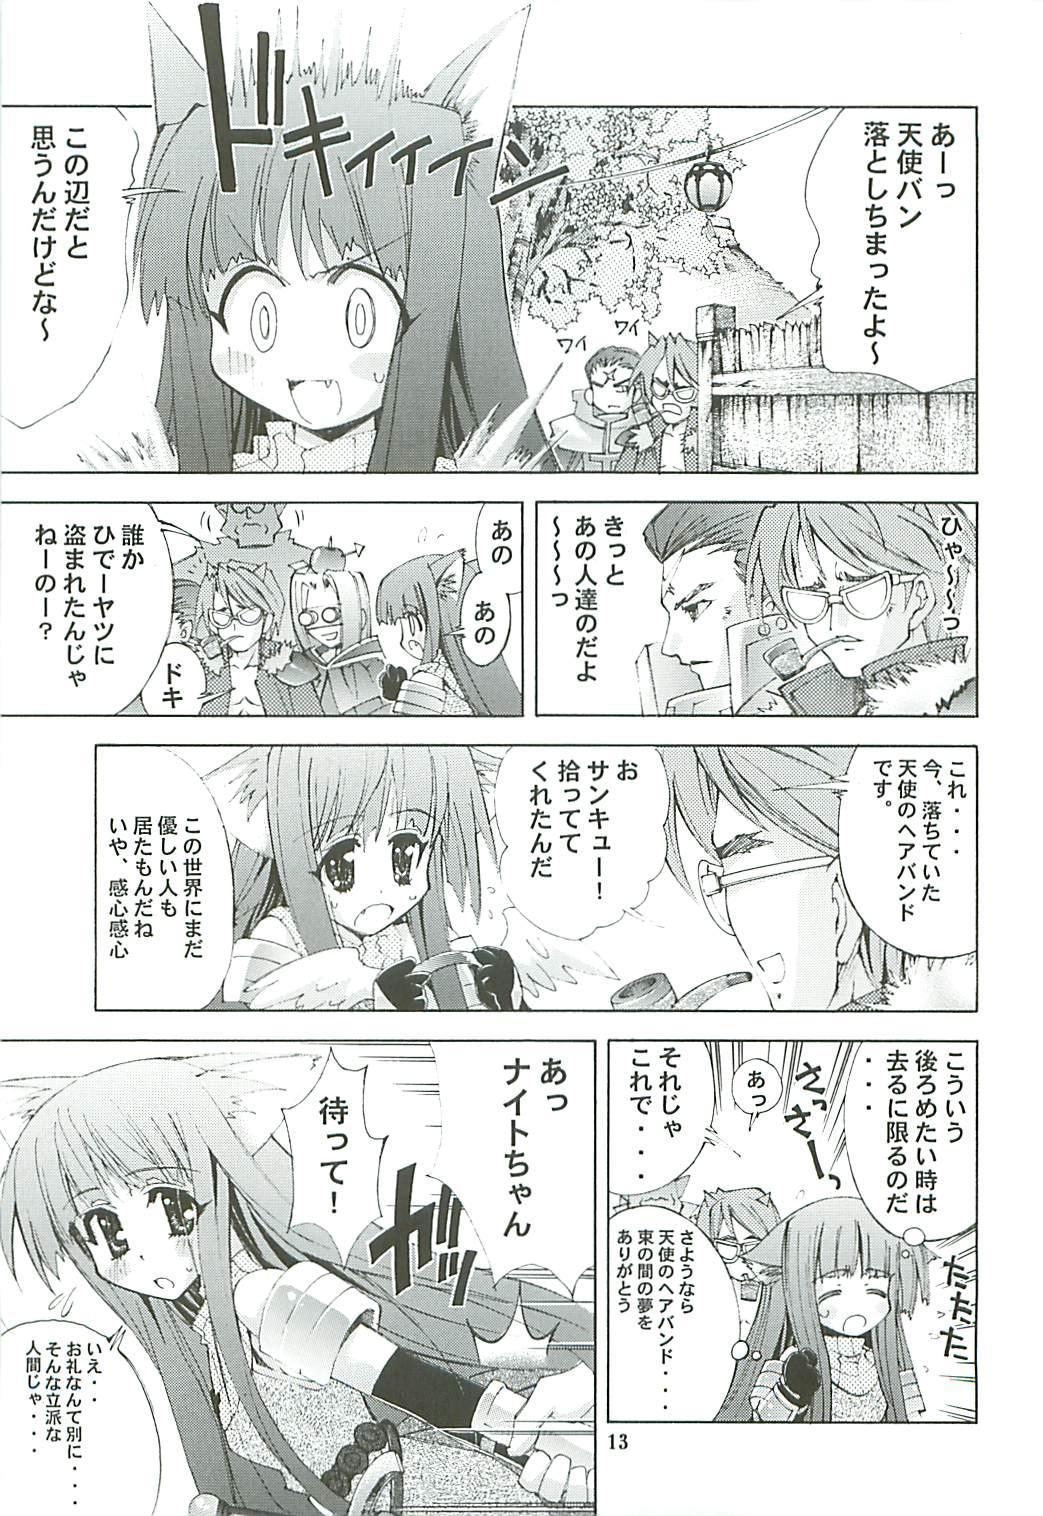 Kaishaku Level 99 ni Naru Hon 12